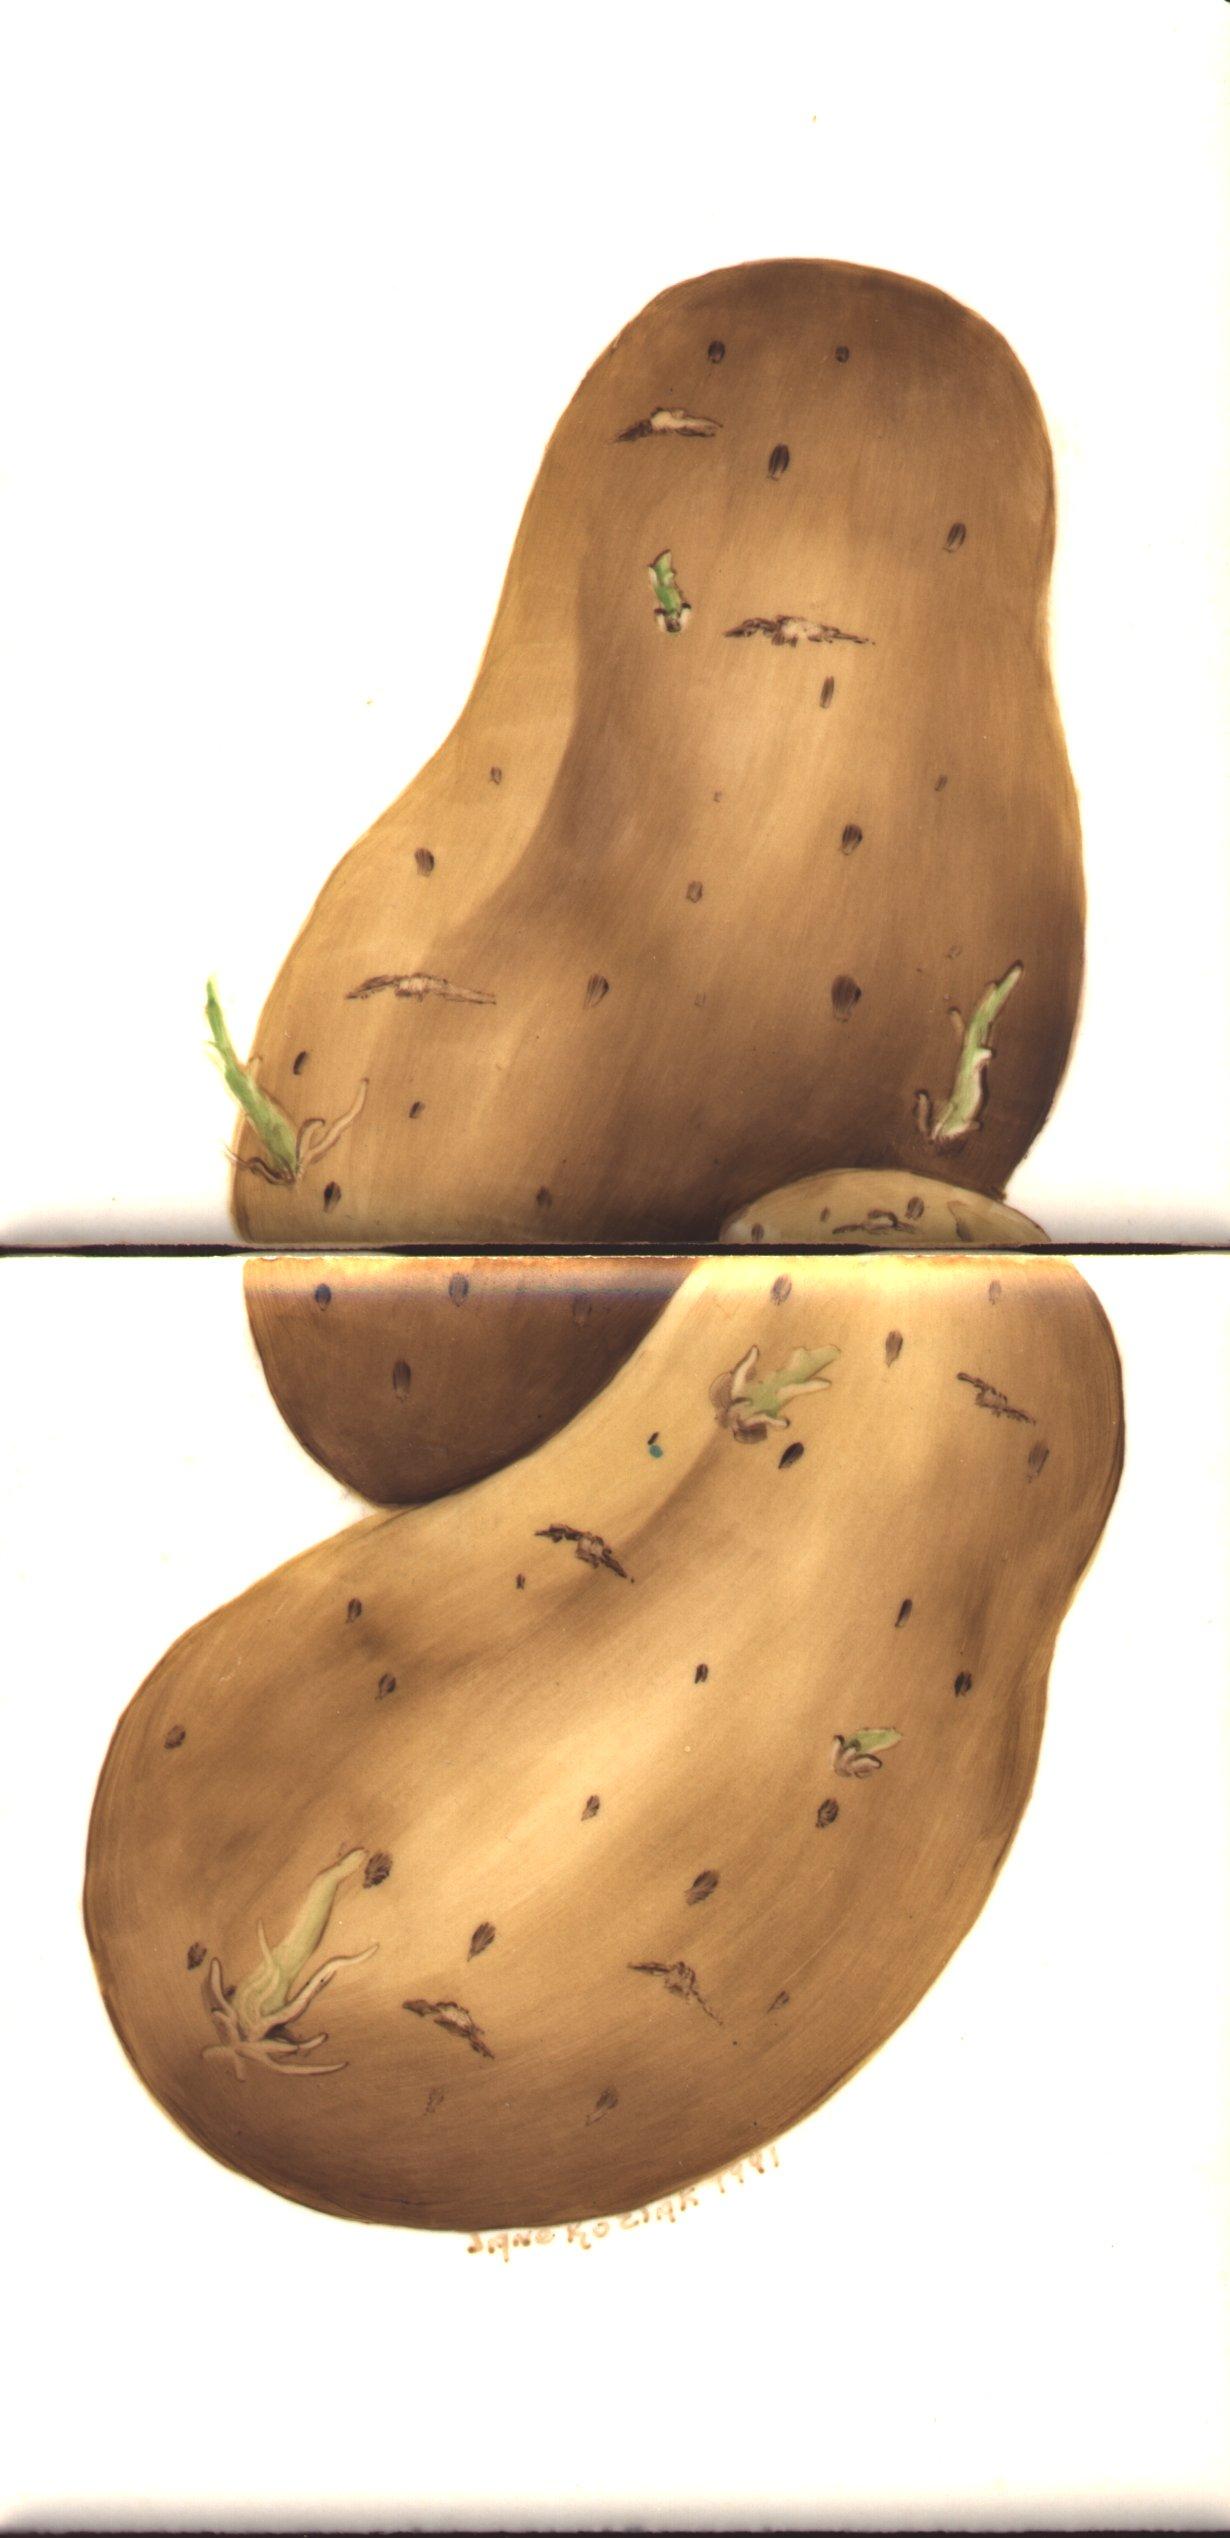 https://0201.nccdn.net/1_2/000/000/153/a07/potatoes.jpg